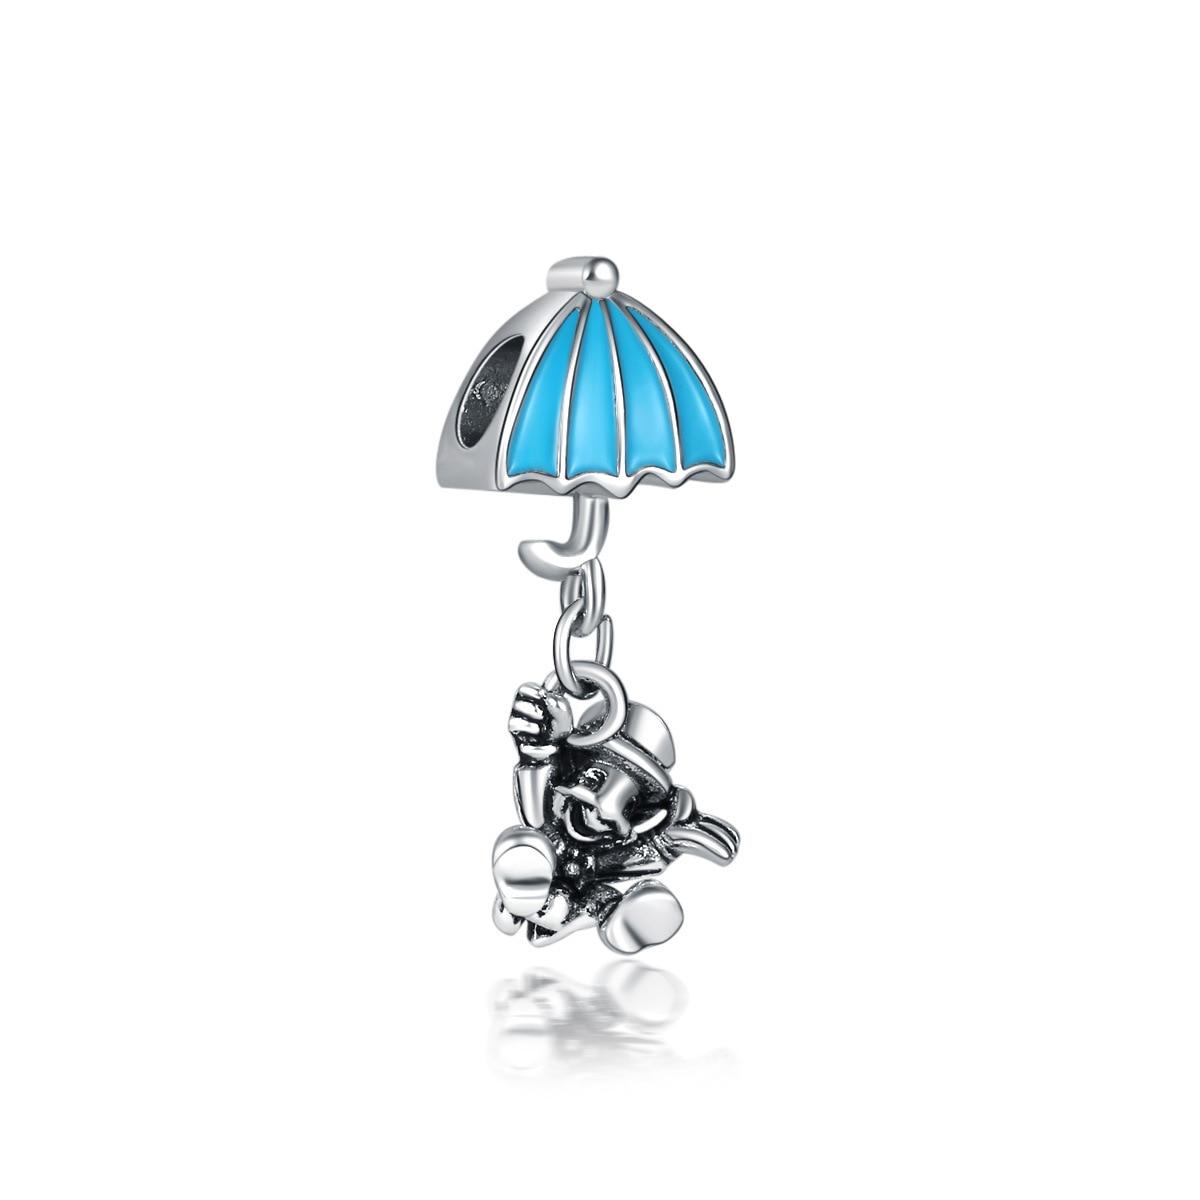 Новинка, сплав, шарик Микки и Минни, сказочный Дамбо, любовь, шарм, подходит для Пандоры, браслет, ожерелье, сделай сам, Женские Ювелирные изделия - Цвет: Jiminy Cricket